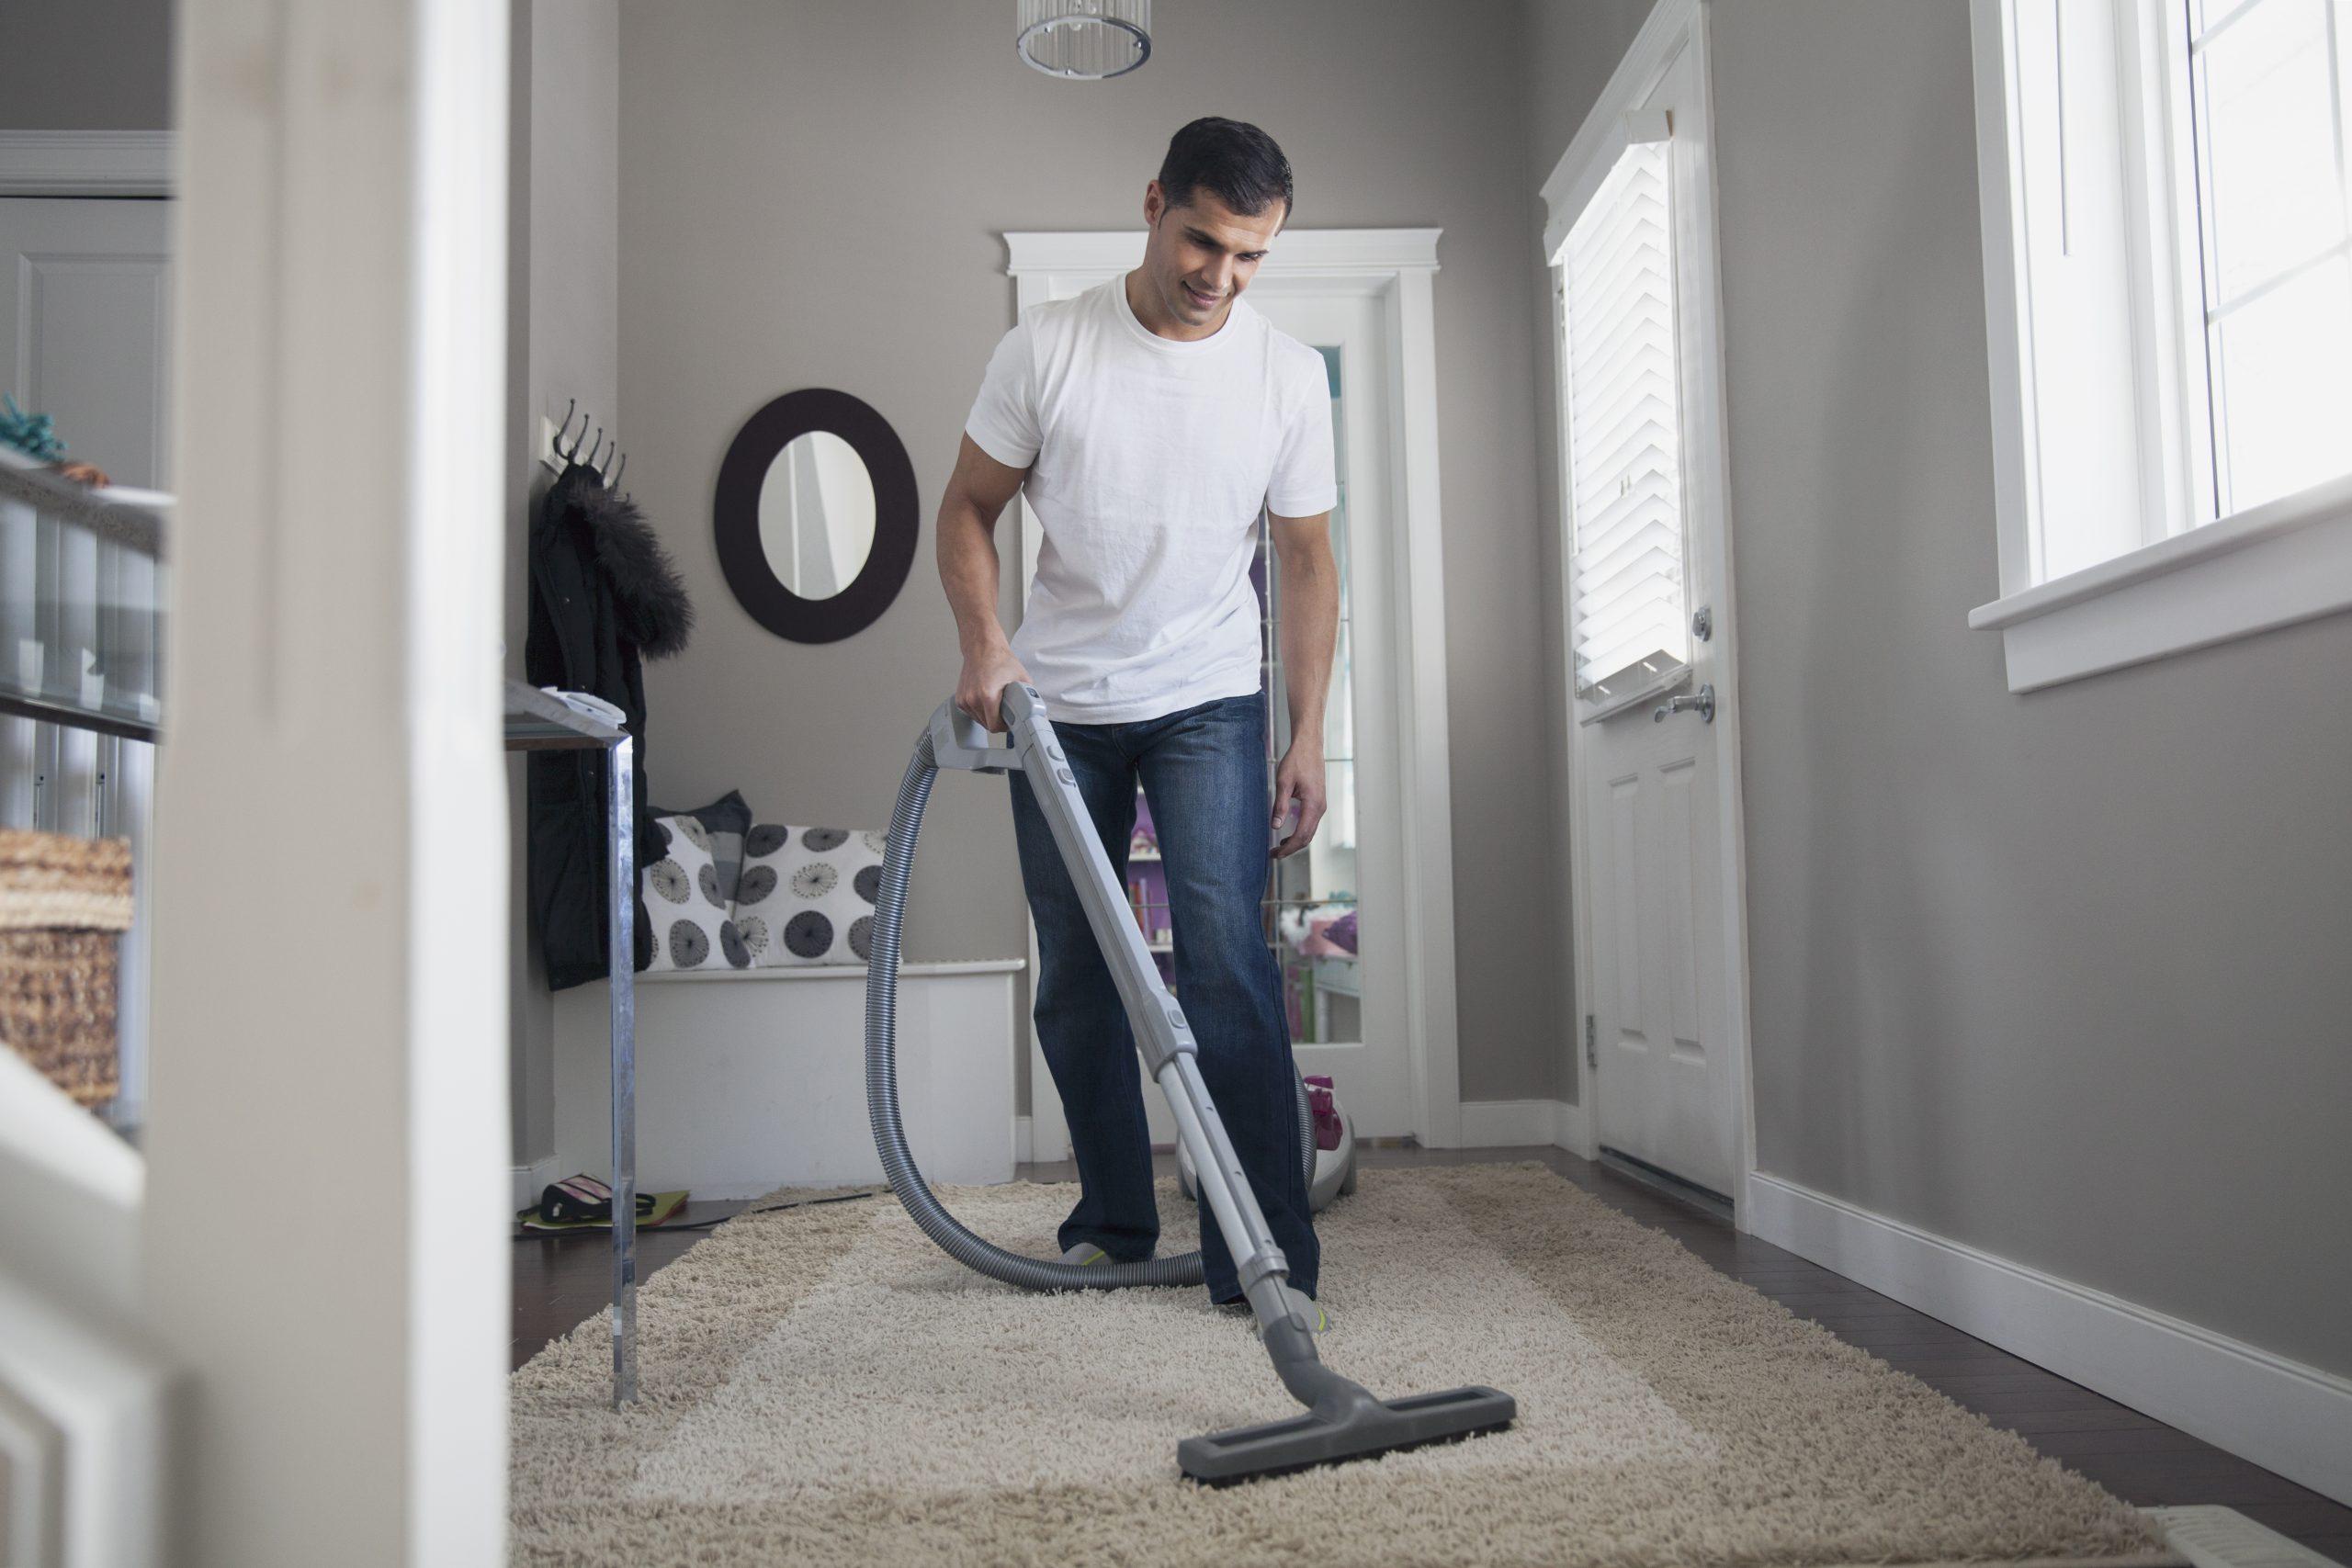 Как быстро вымыть полы в квартире, и почему это нужно делать в субботу